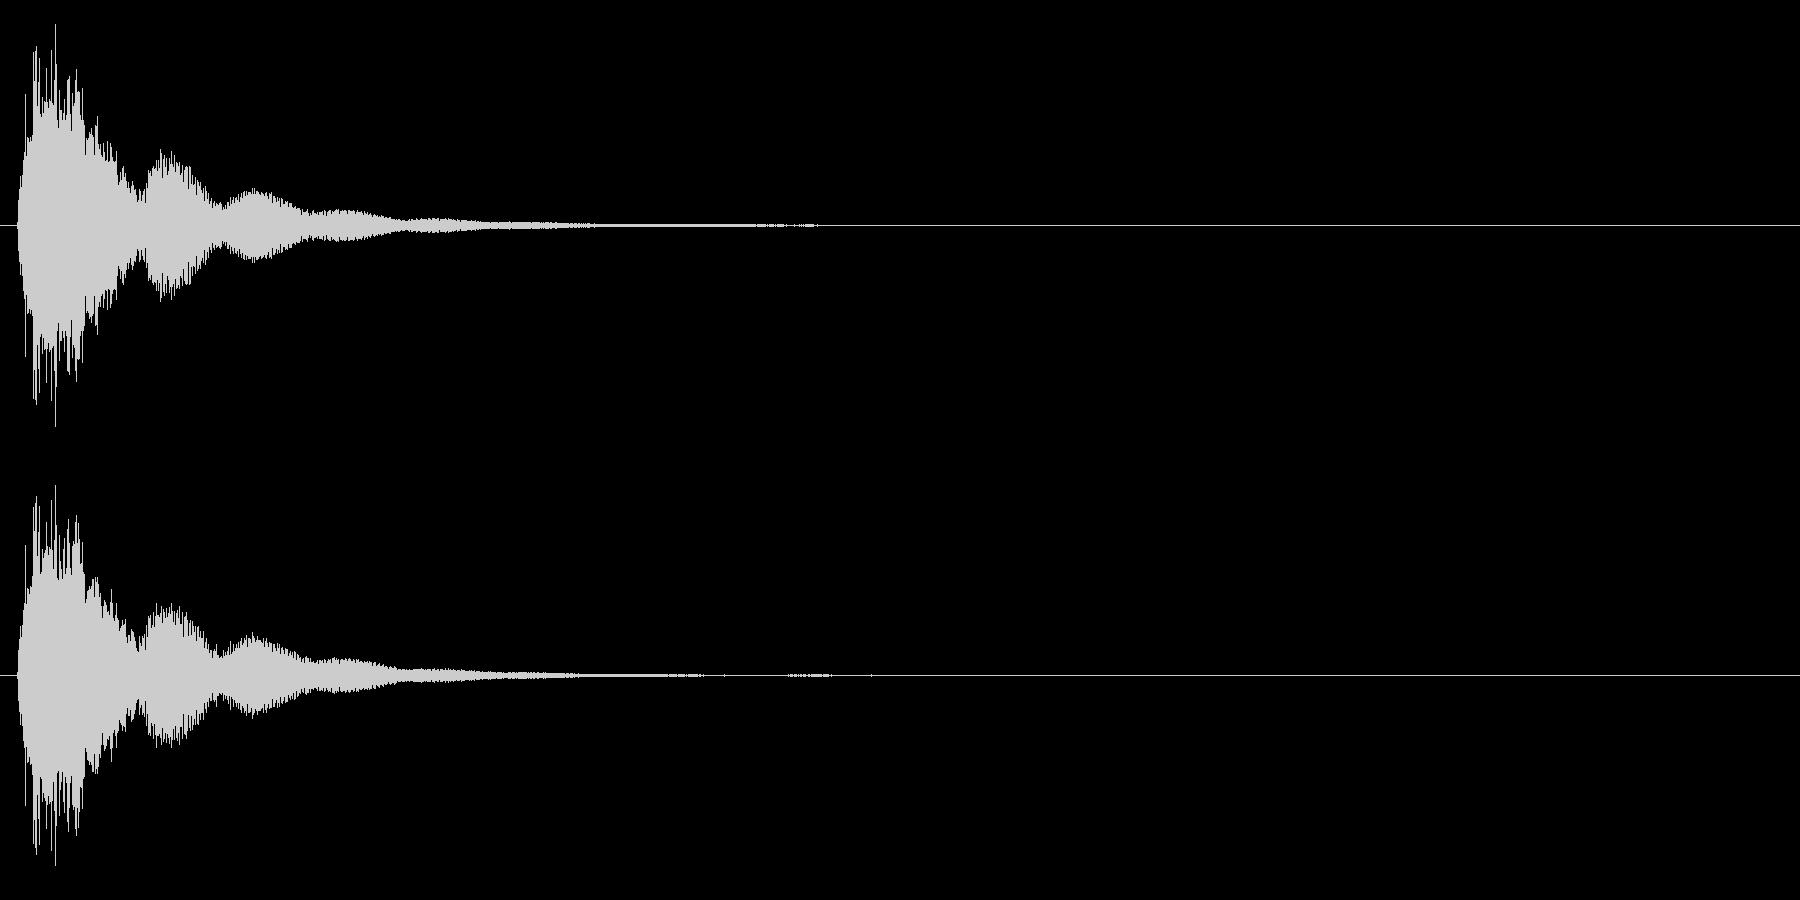 連鎖/パズルゲーム/コンボ/3段階目の未再生の波形